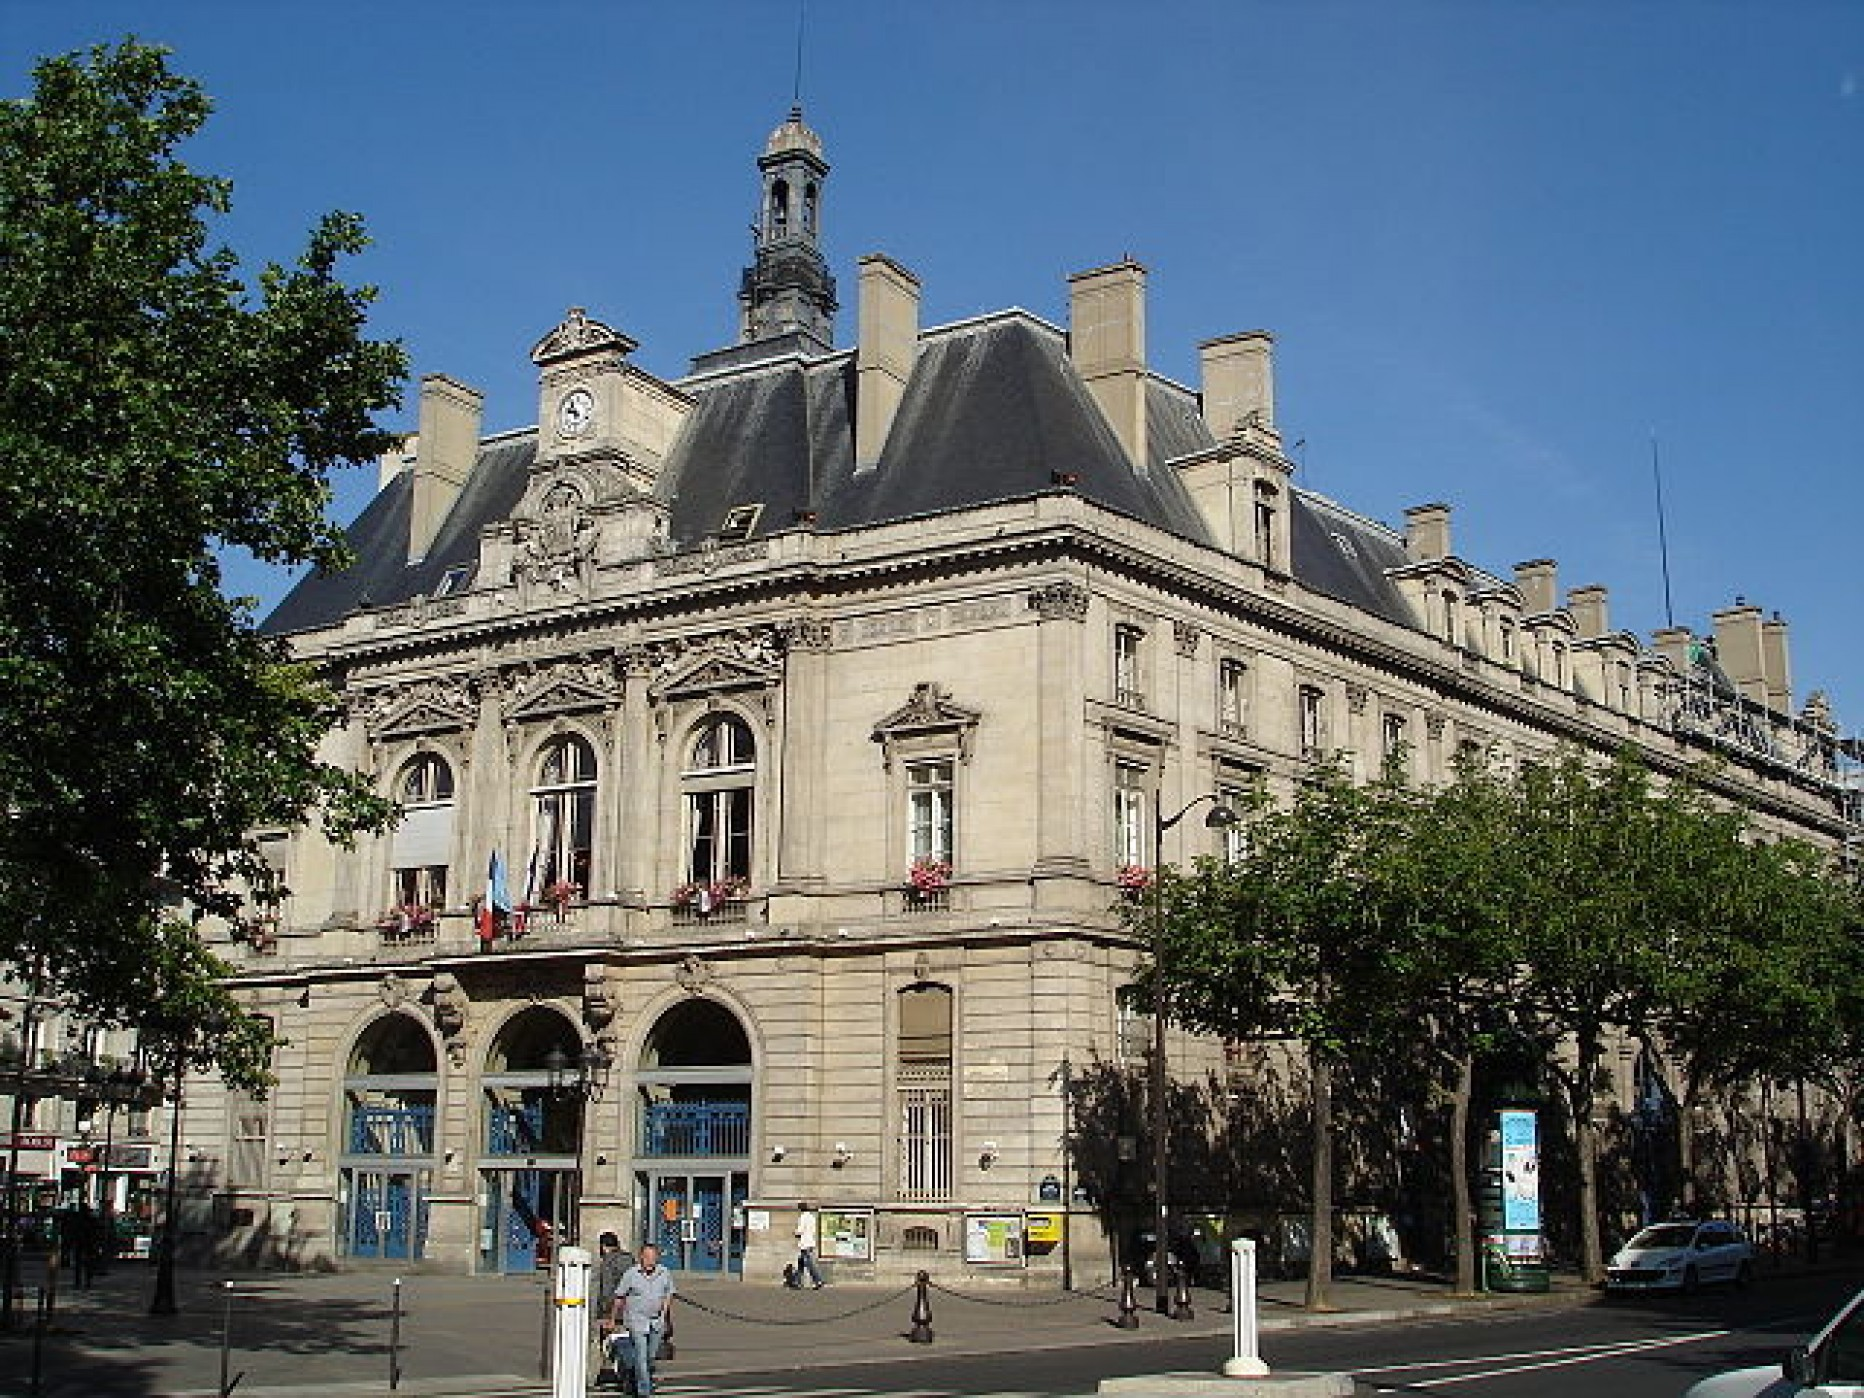 Mairie du 11ème arrondissement